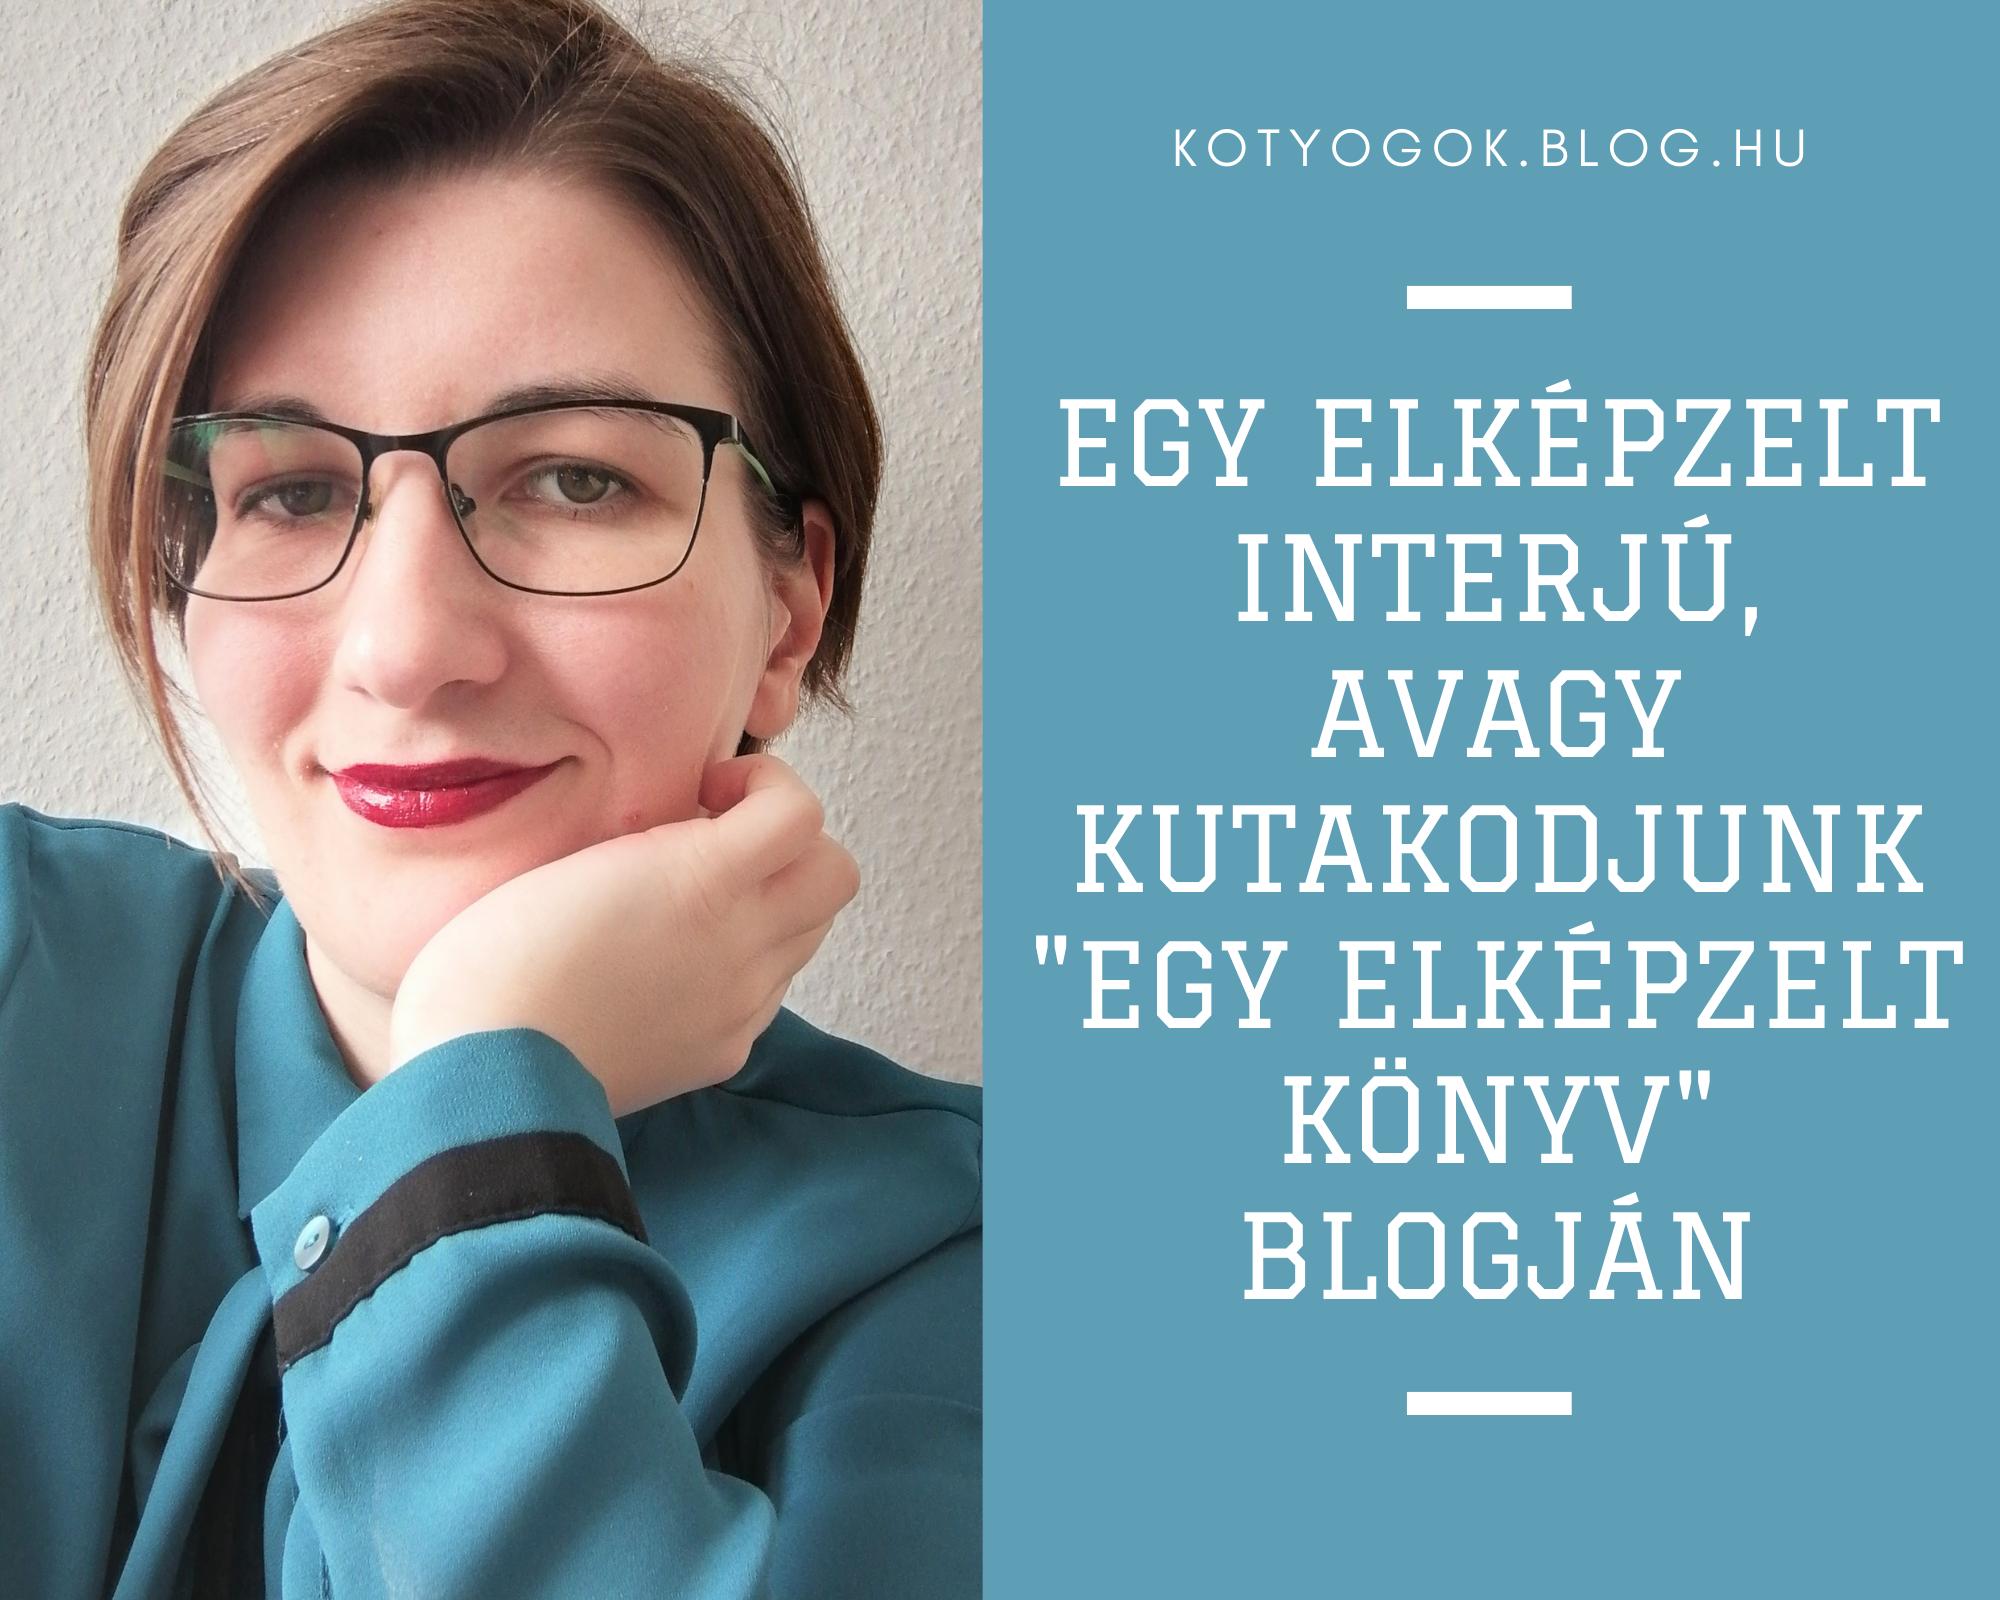 kotyogok_blog_hu_interju_1.png